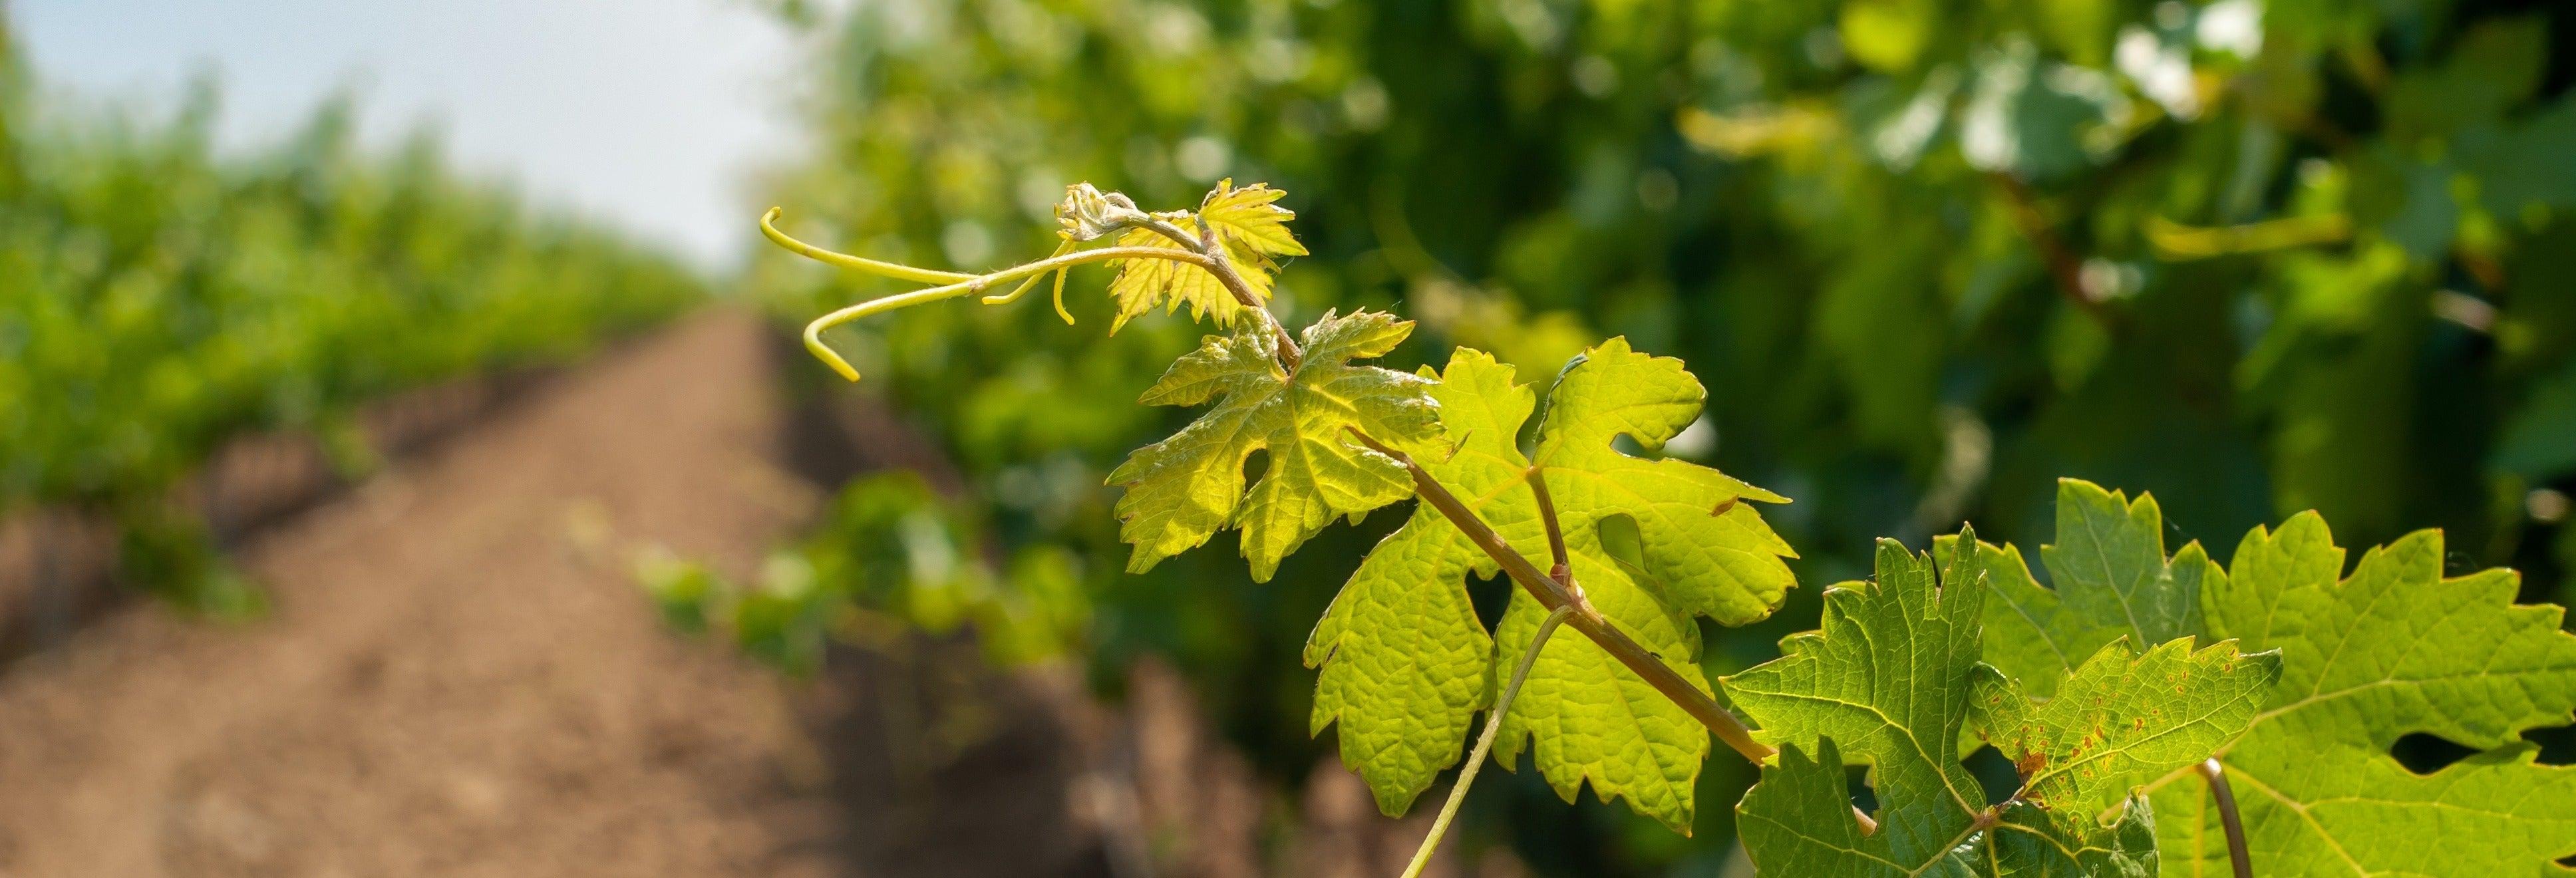 Excursión de viñedos por Aguascalientes